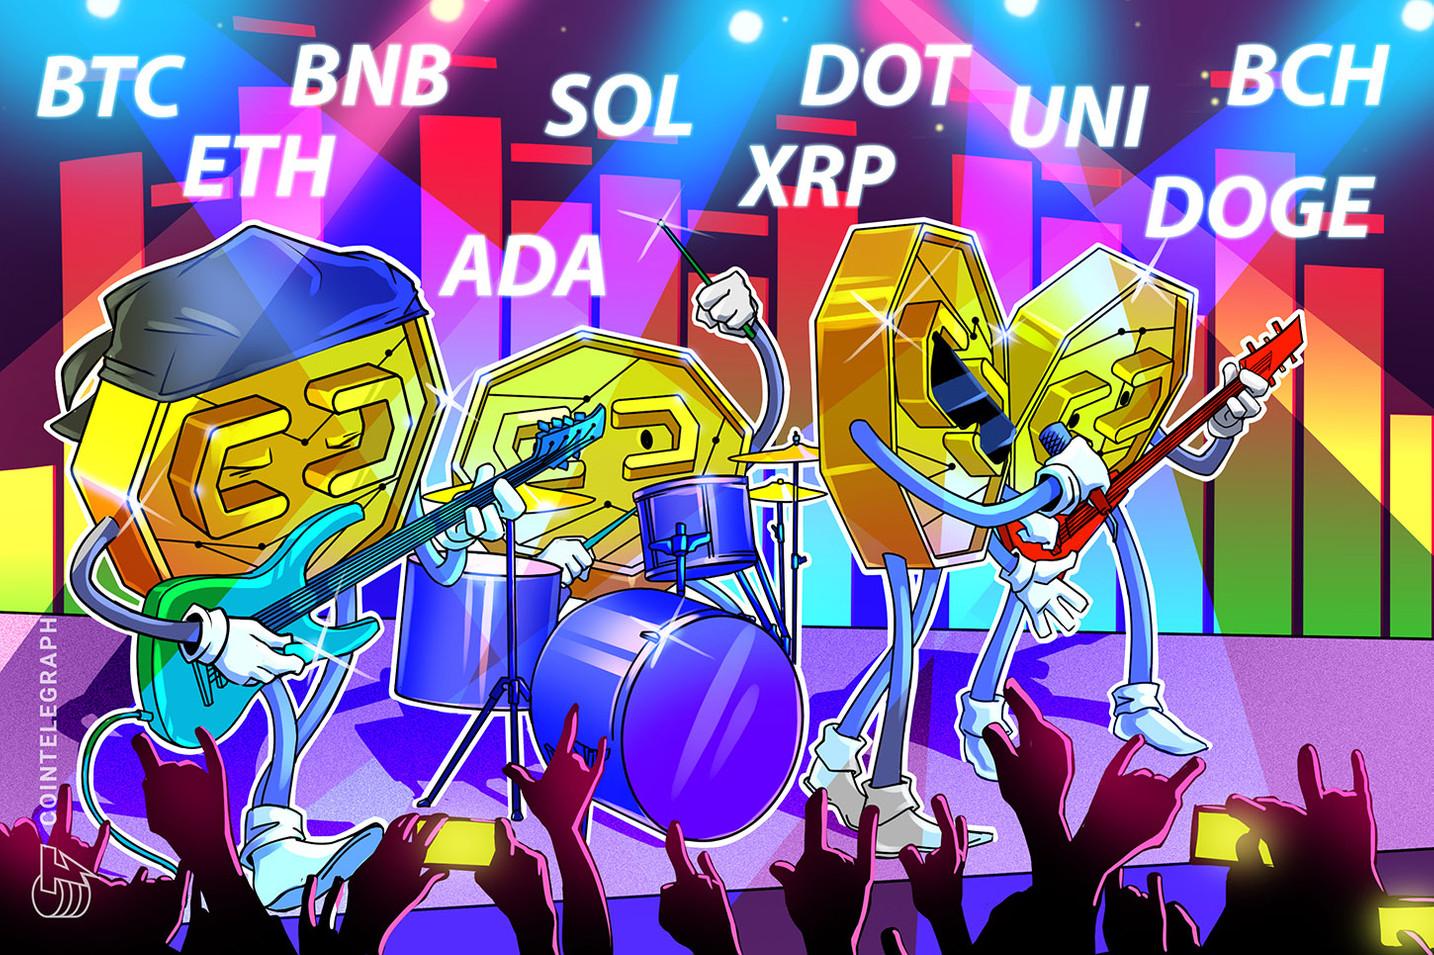 Prijsanalyse 7/7: BTC, ETH, BNB, ADA, DOGE, XRP, DOT, UNI, BCH, SOL